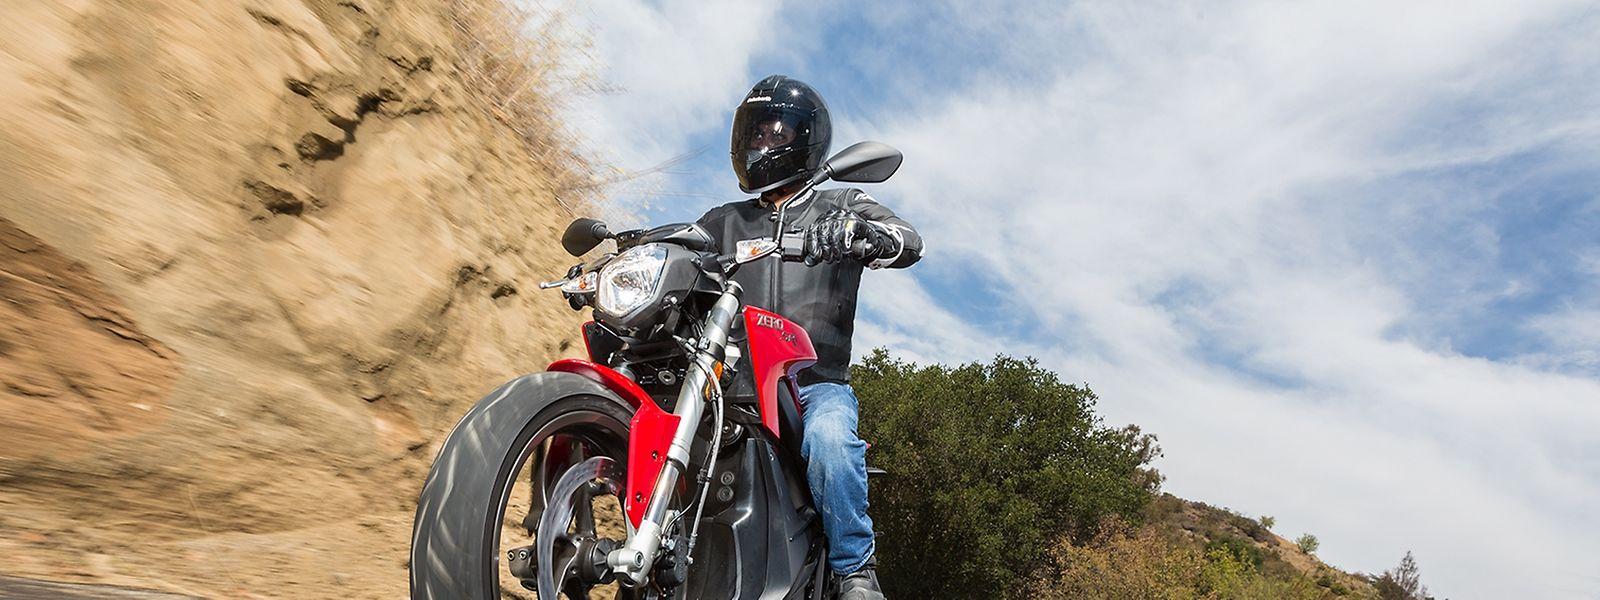 Bei schönem Wetter sind am Wochenende viele Motorradfahrer unterwegs gewesen.